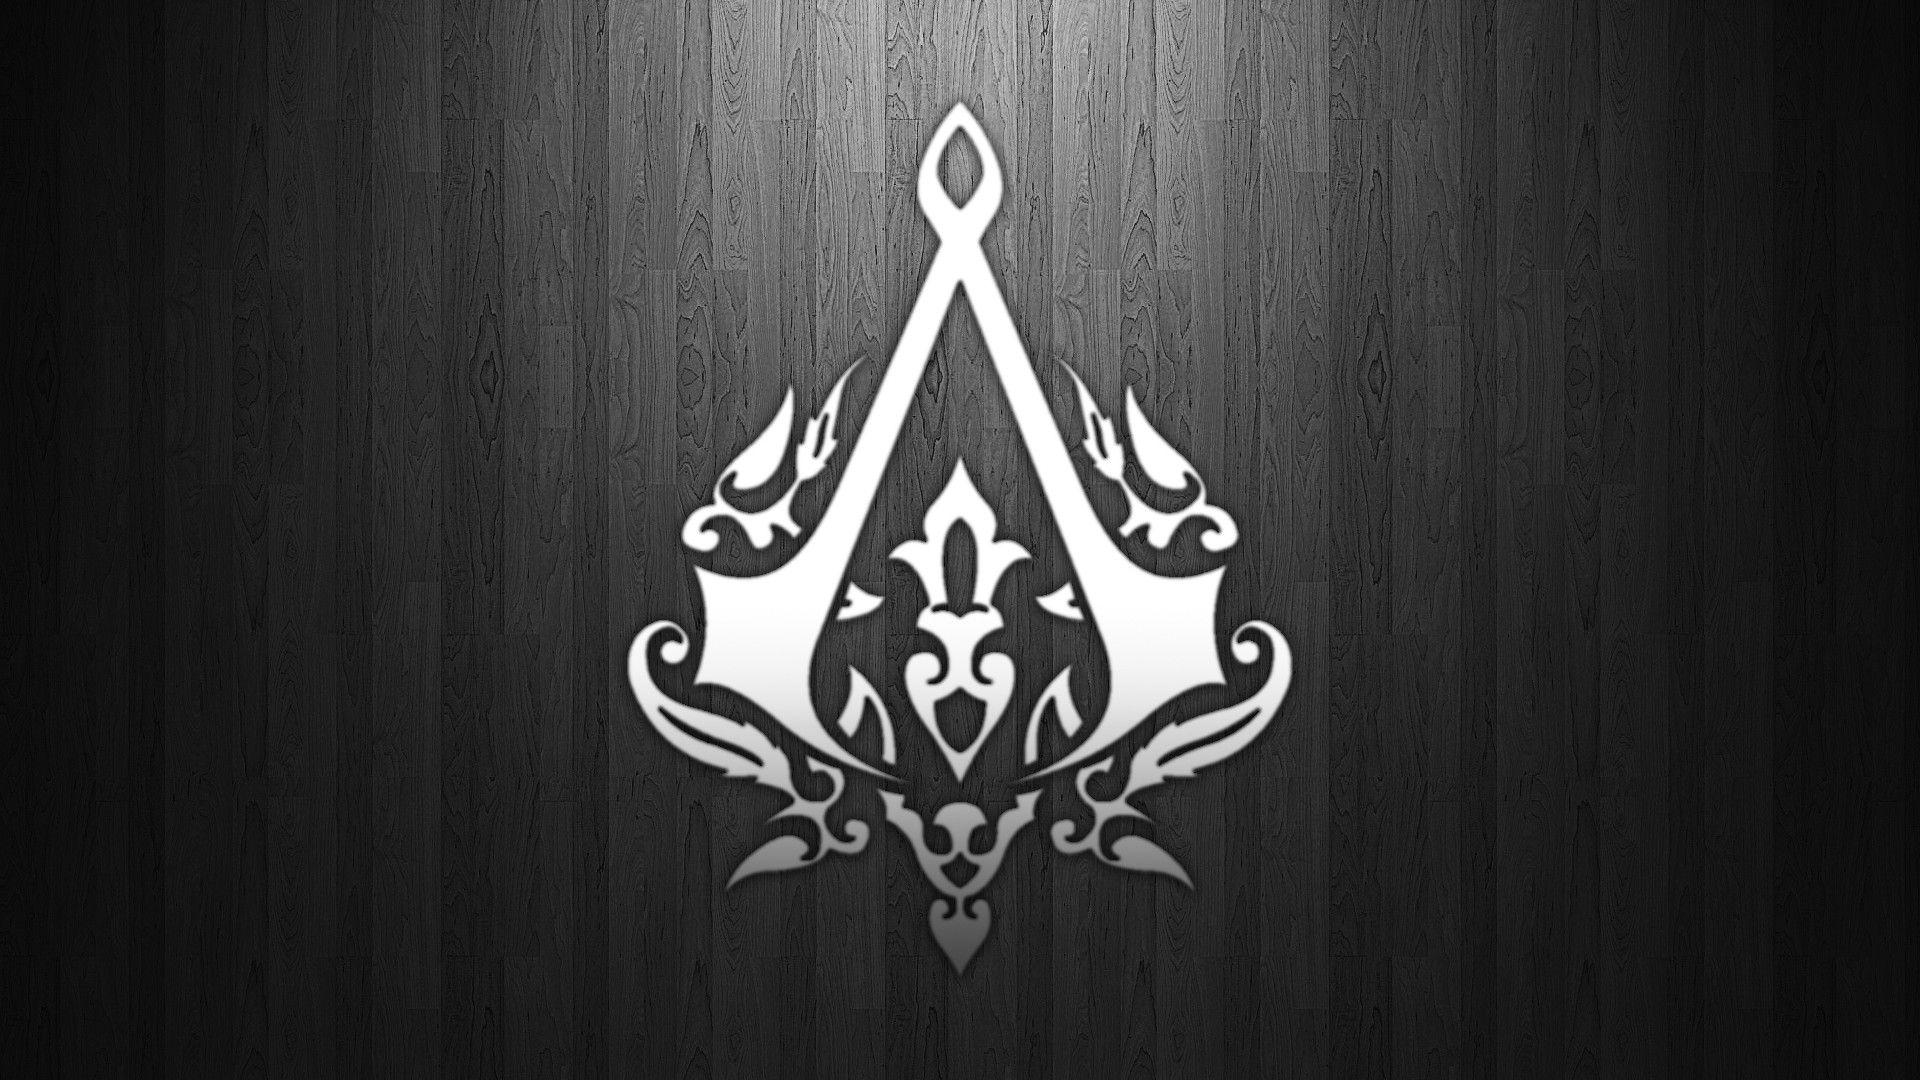 Assassins Creed All Character HD desktop wallpaper High